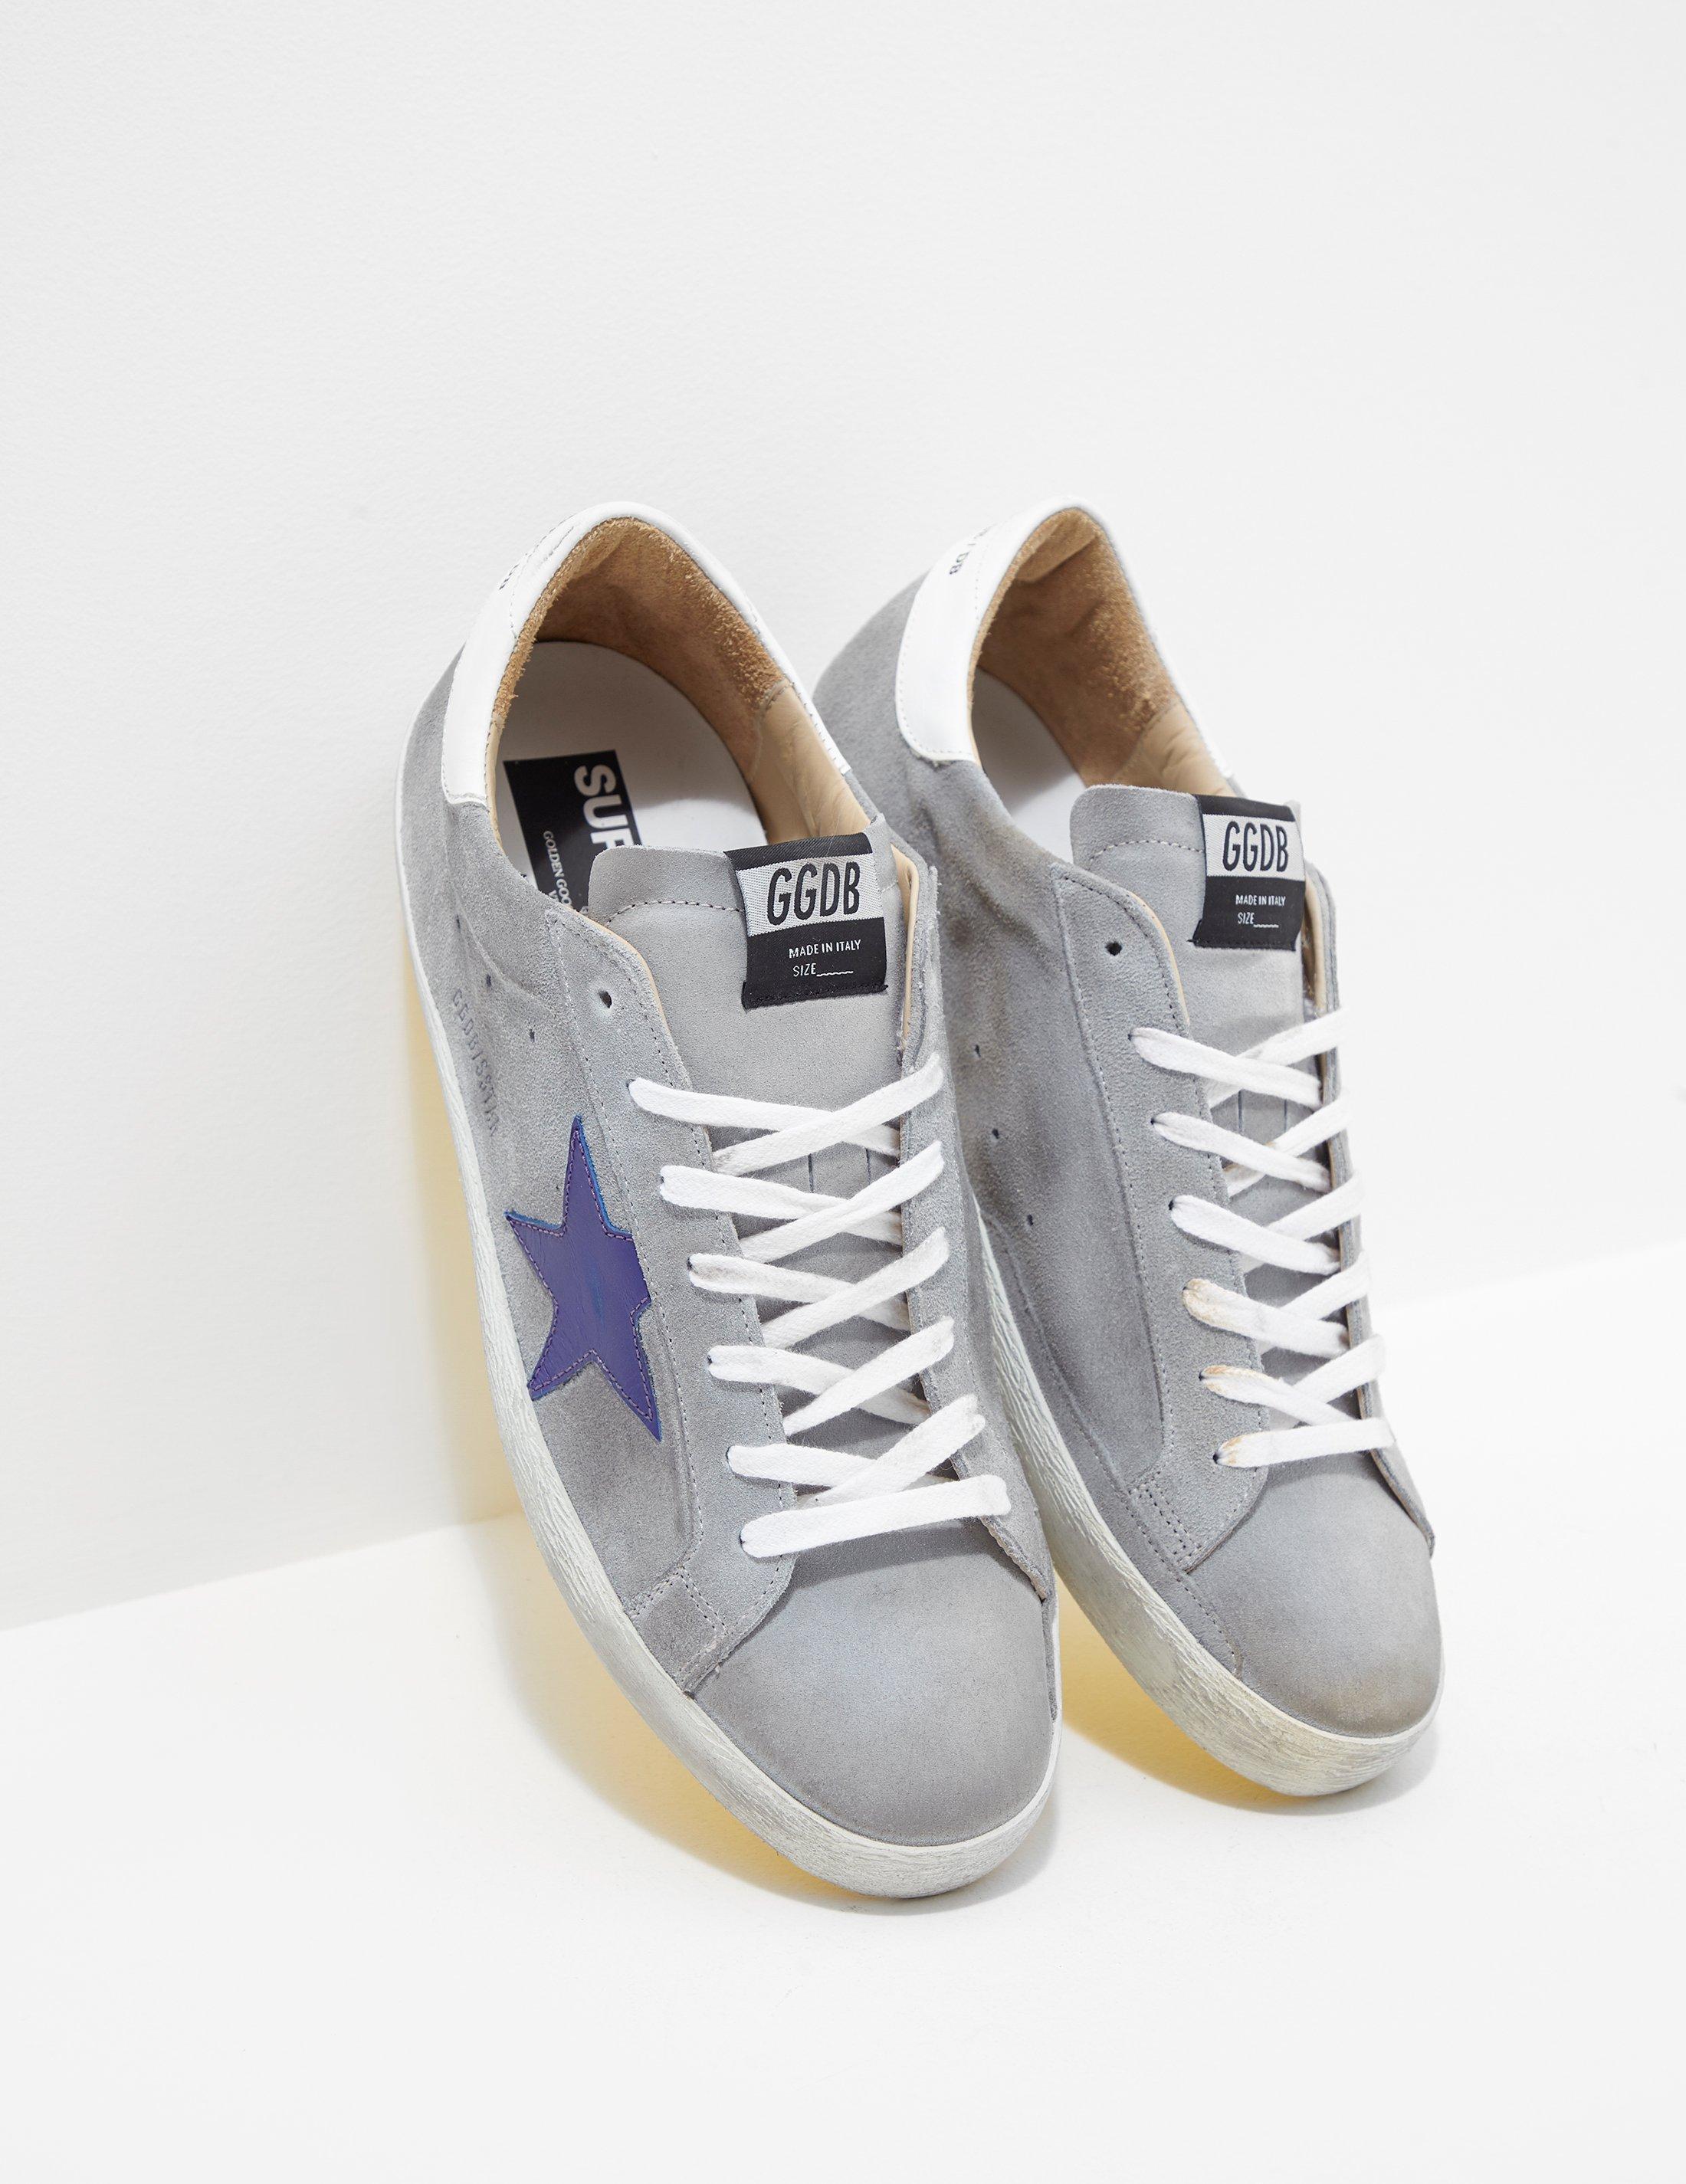 22231def1478 Lyst - Golden Goose Deluxe Brand Mens Superstar Sneakers Blue in ...